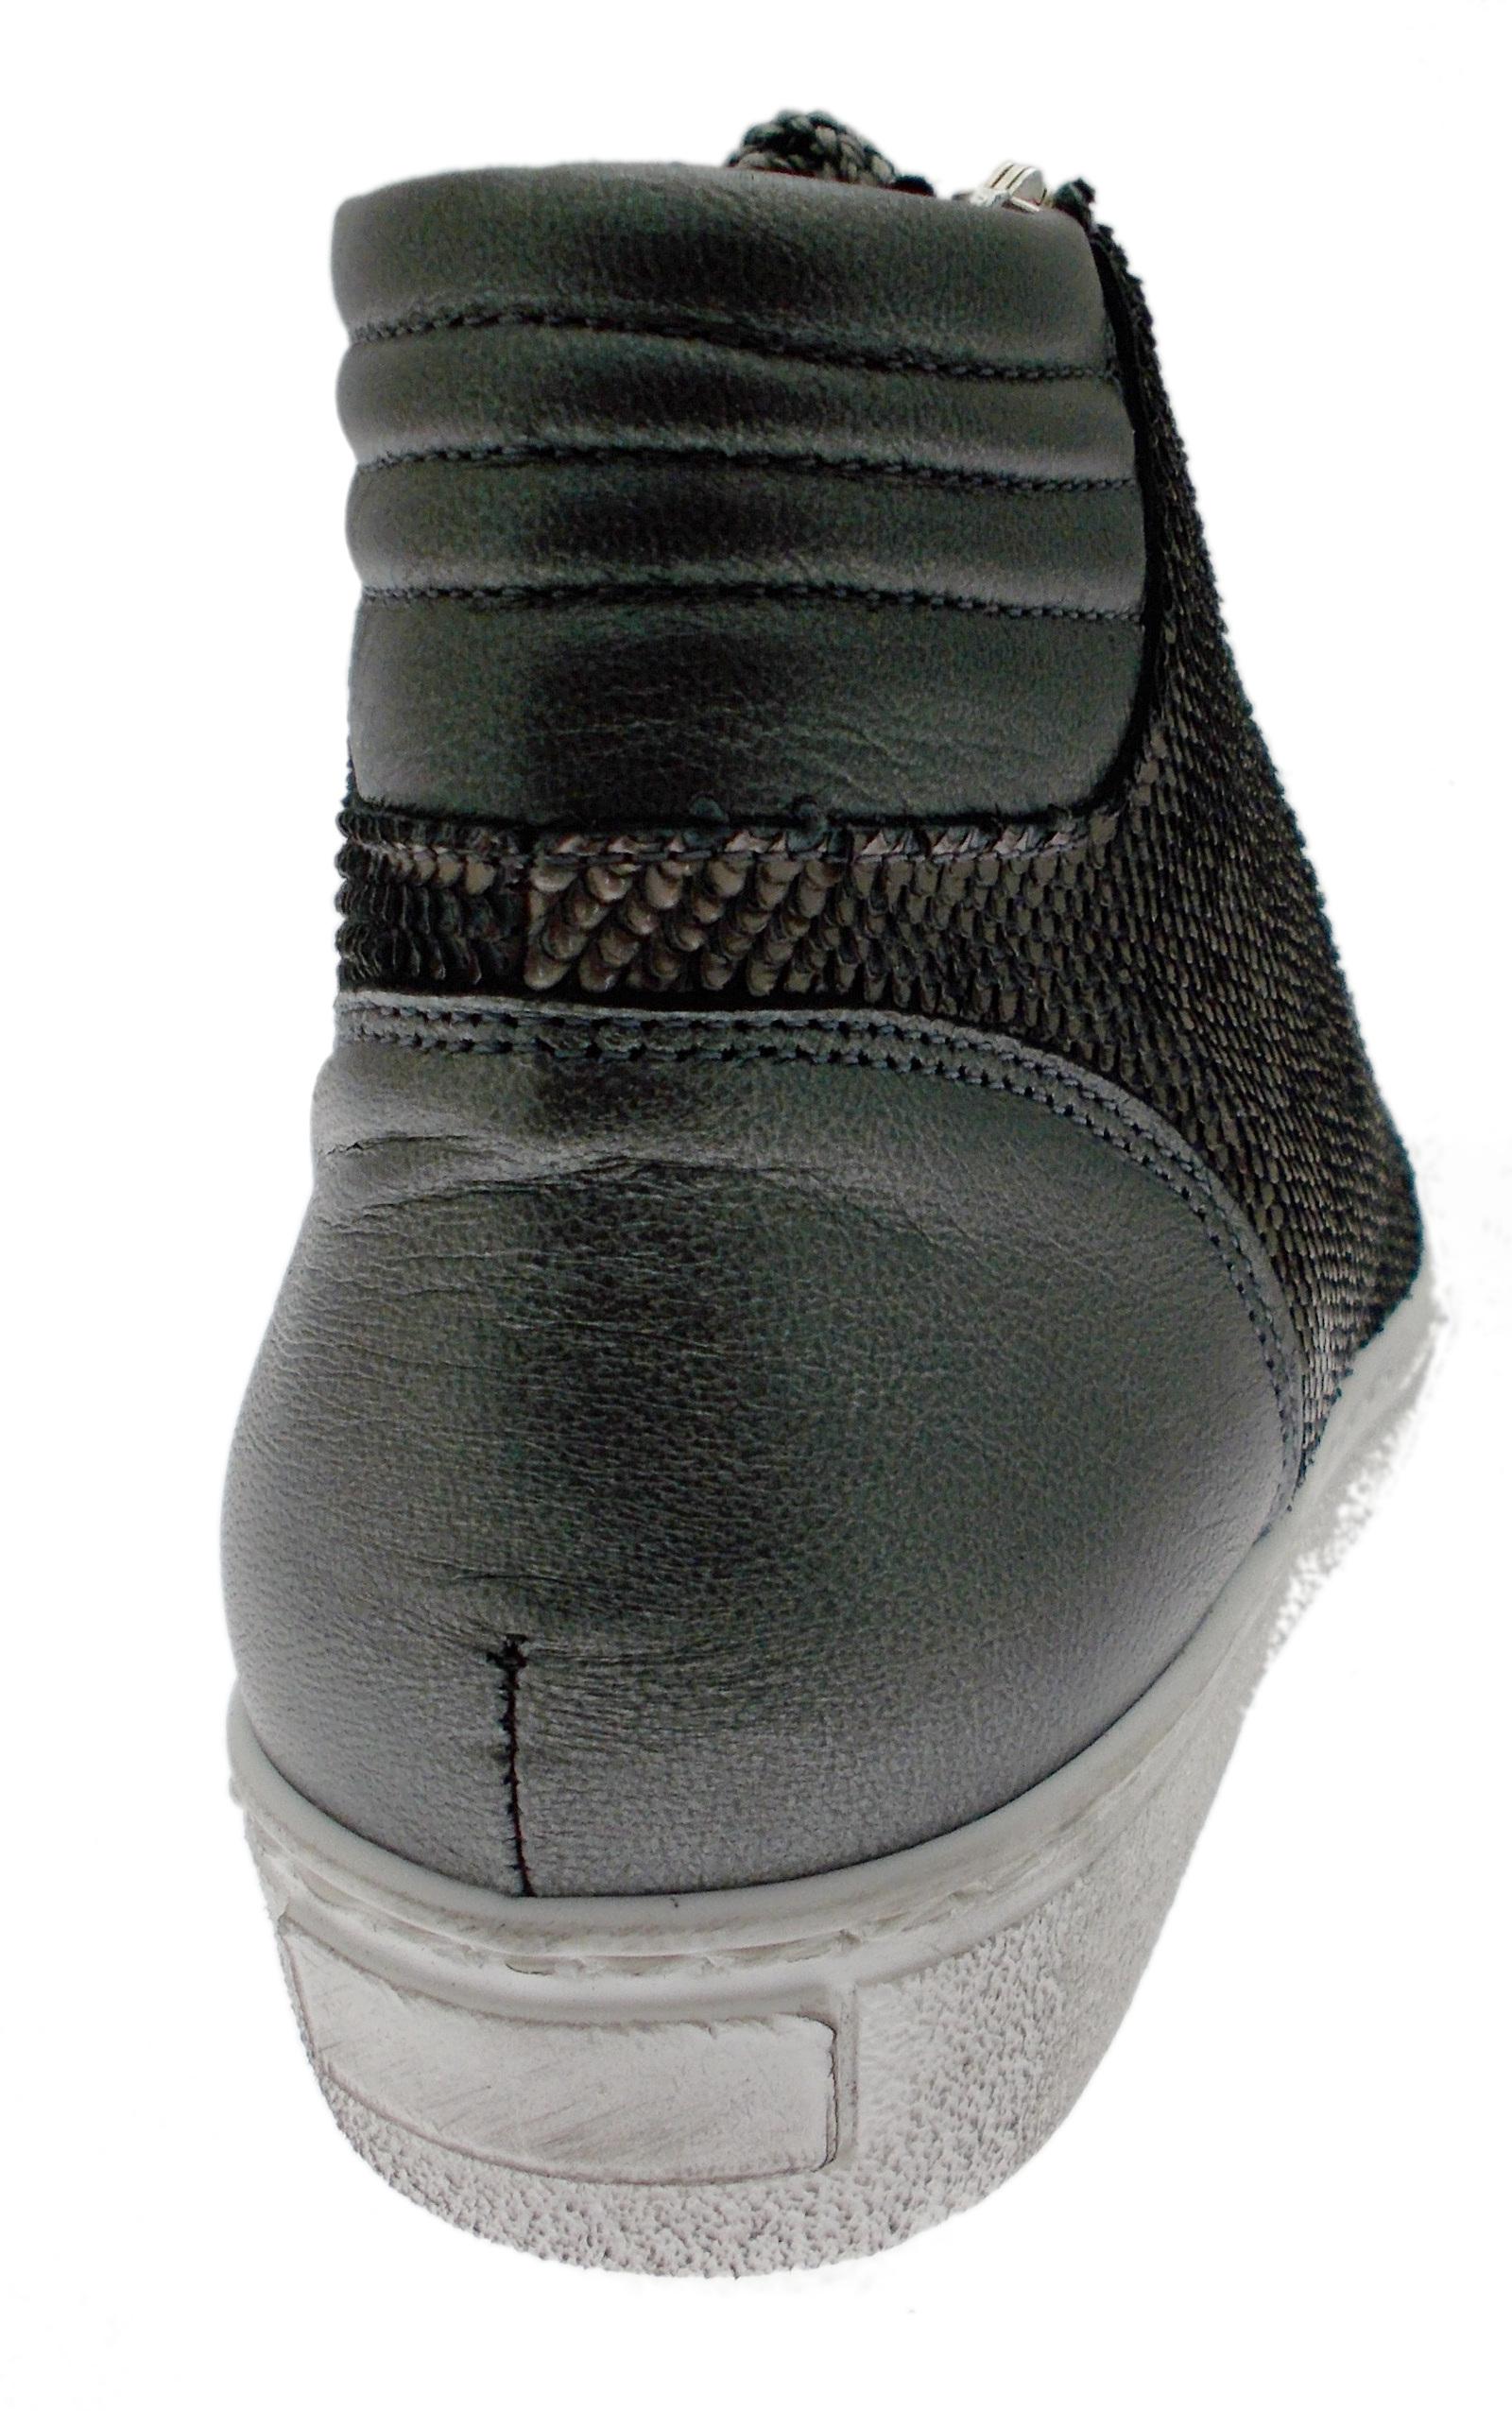 Loren Baskets orthopédiques orthopédiques en métal Gris